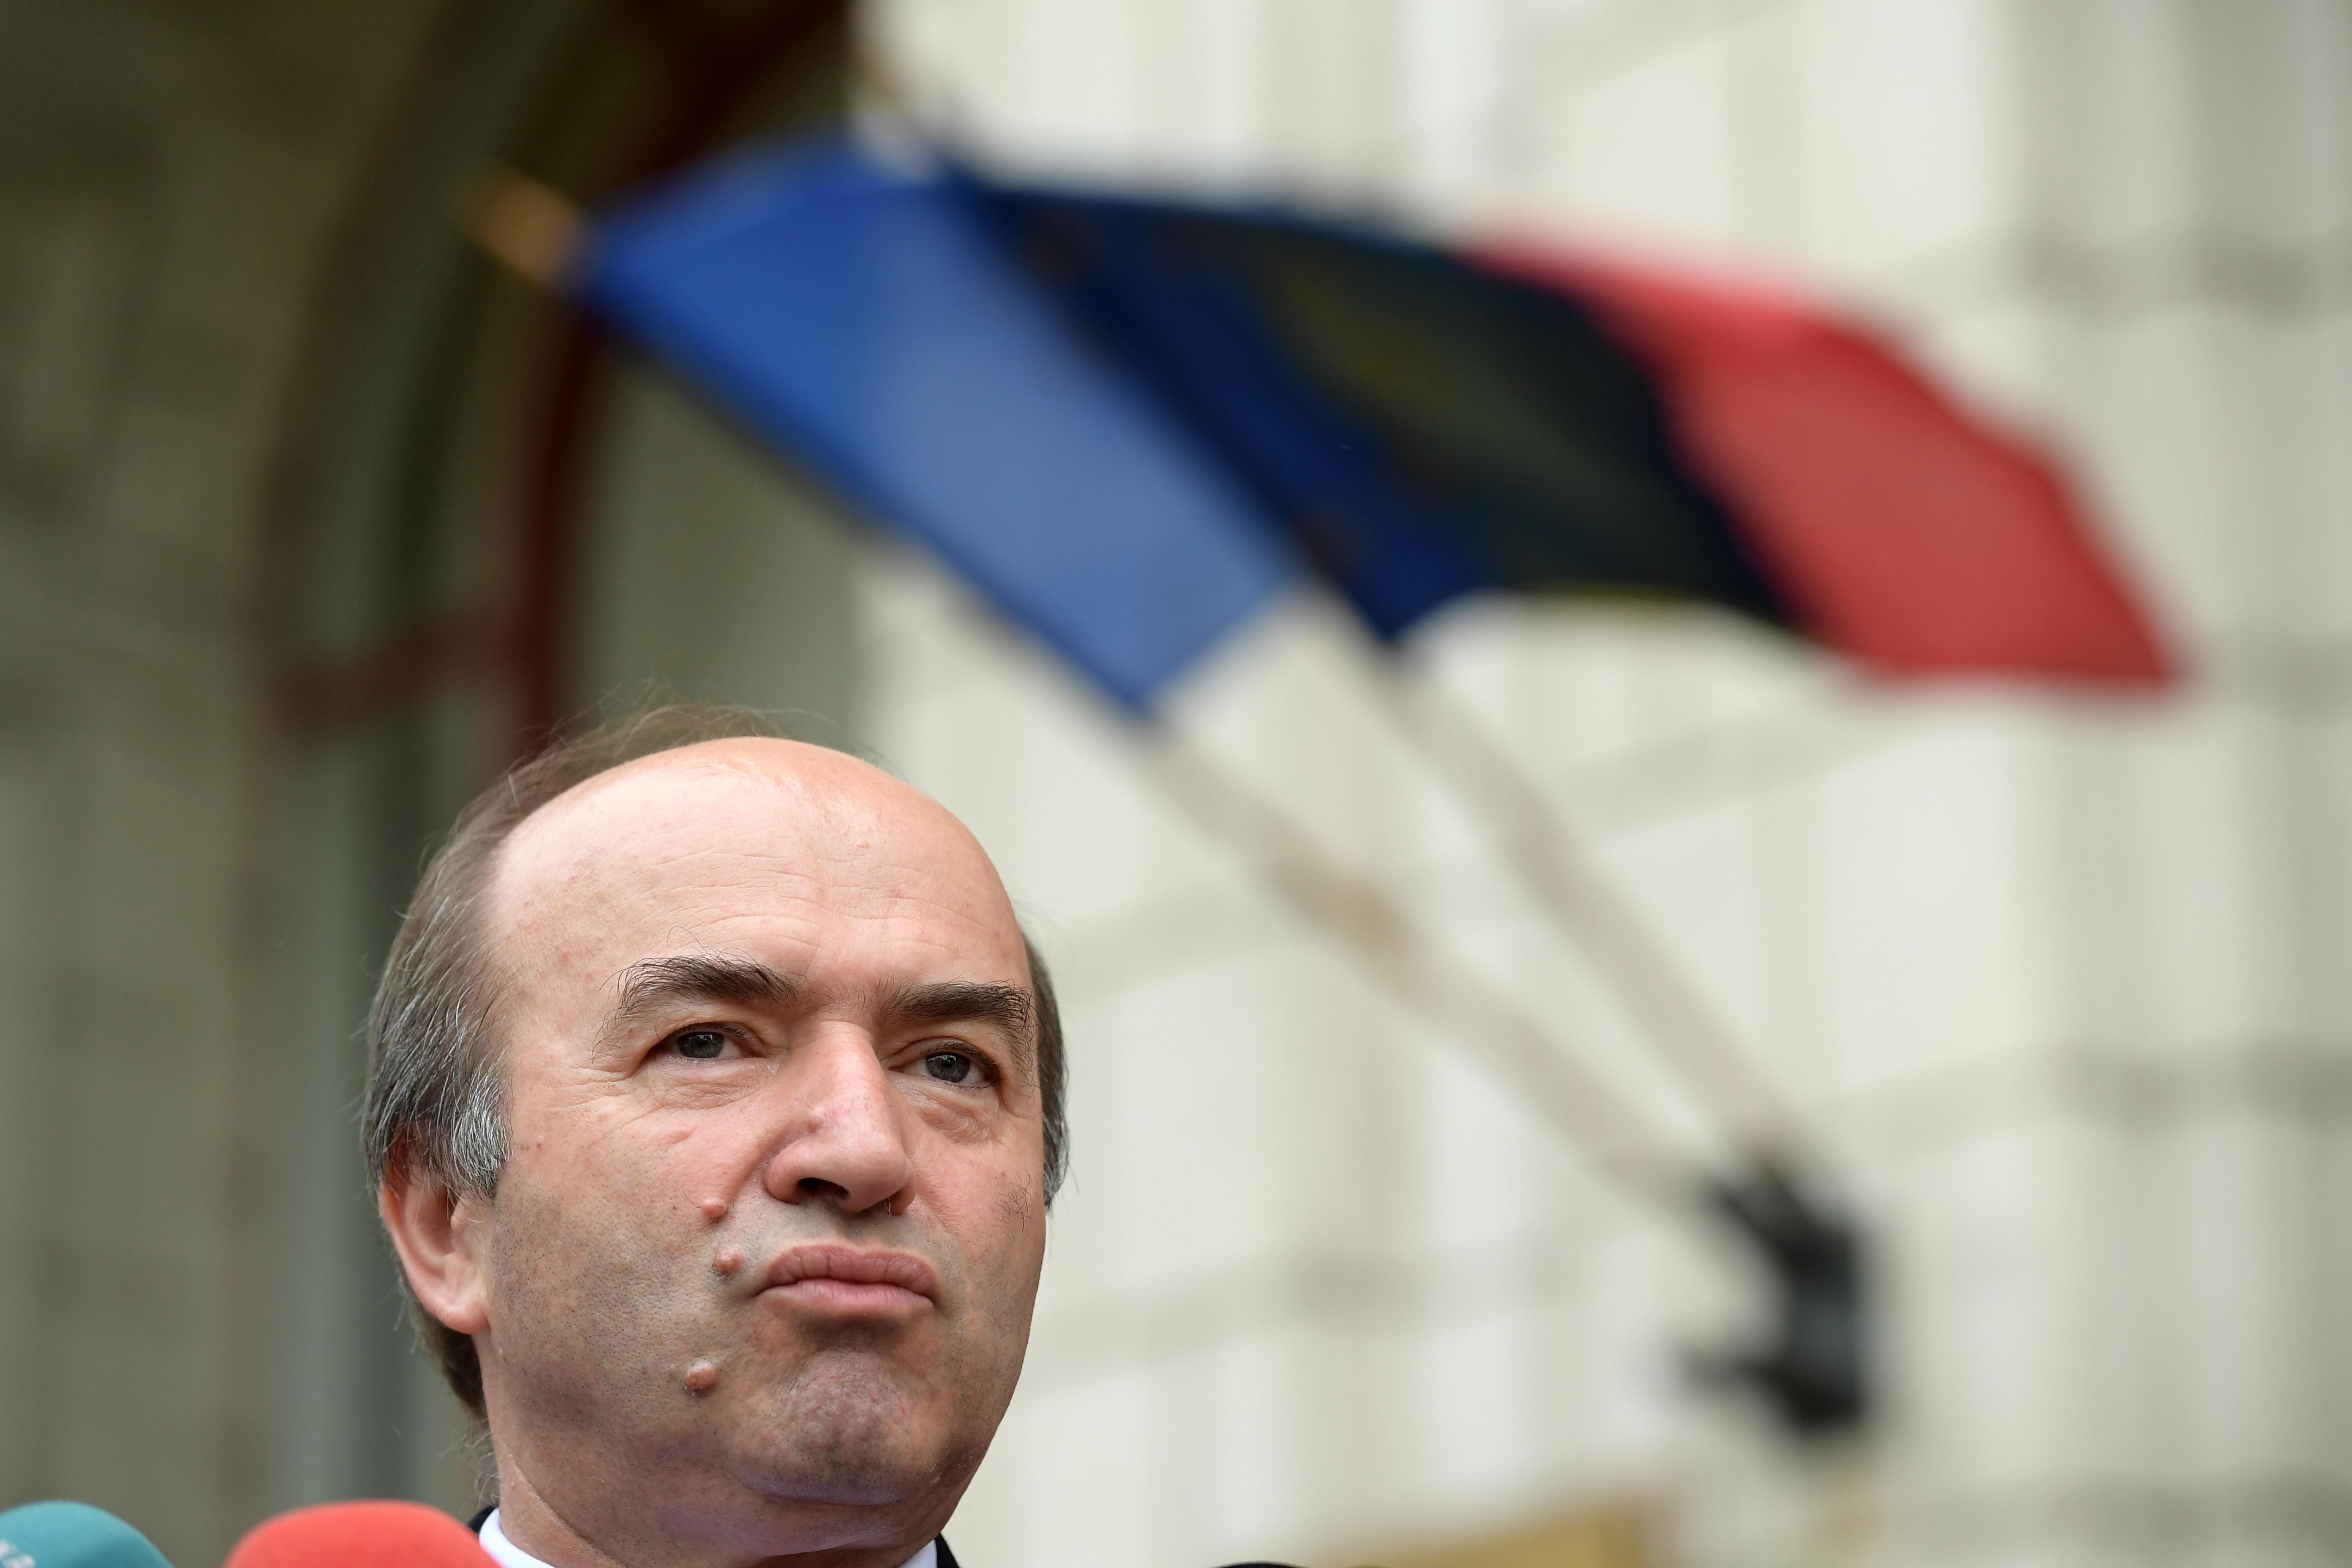 Anunțul lui Toader despre suspendarea pedepselor pentru Elena Udrea și Alina Bica